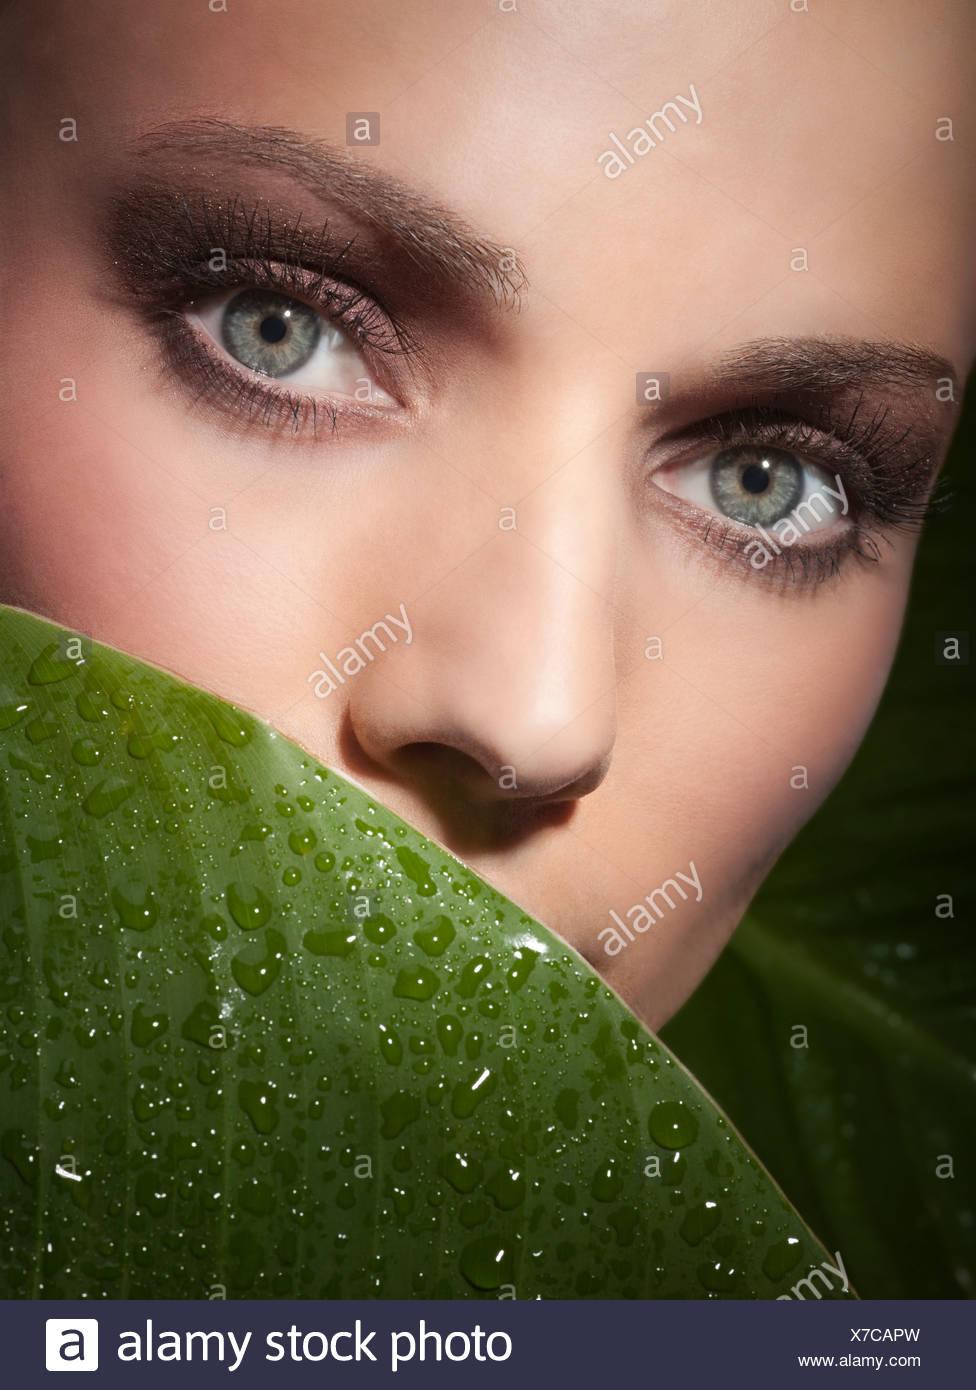 Une jeune femme a' visage derrière une feuille verte Photo Stock